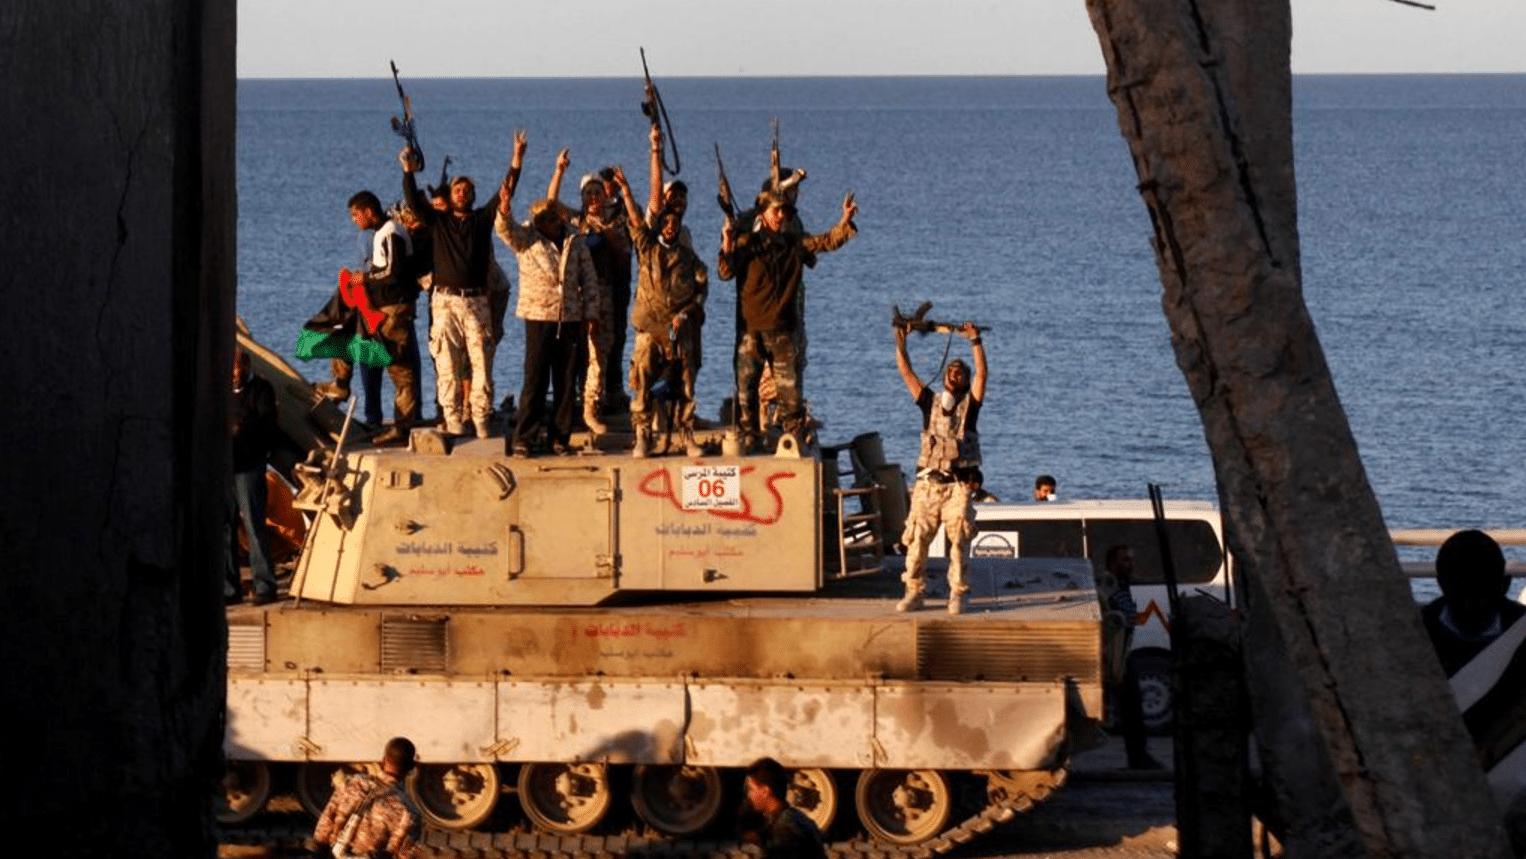 Il governo libico, sostenuto dall'Italia, ha pagato milizie paramilitari per fermare i migranti? – TPI